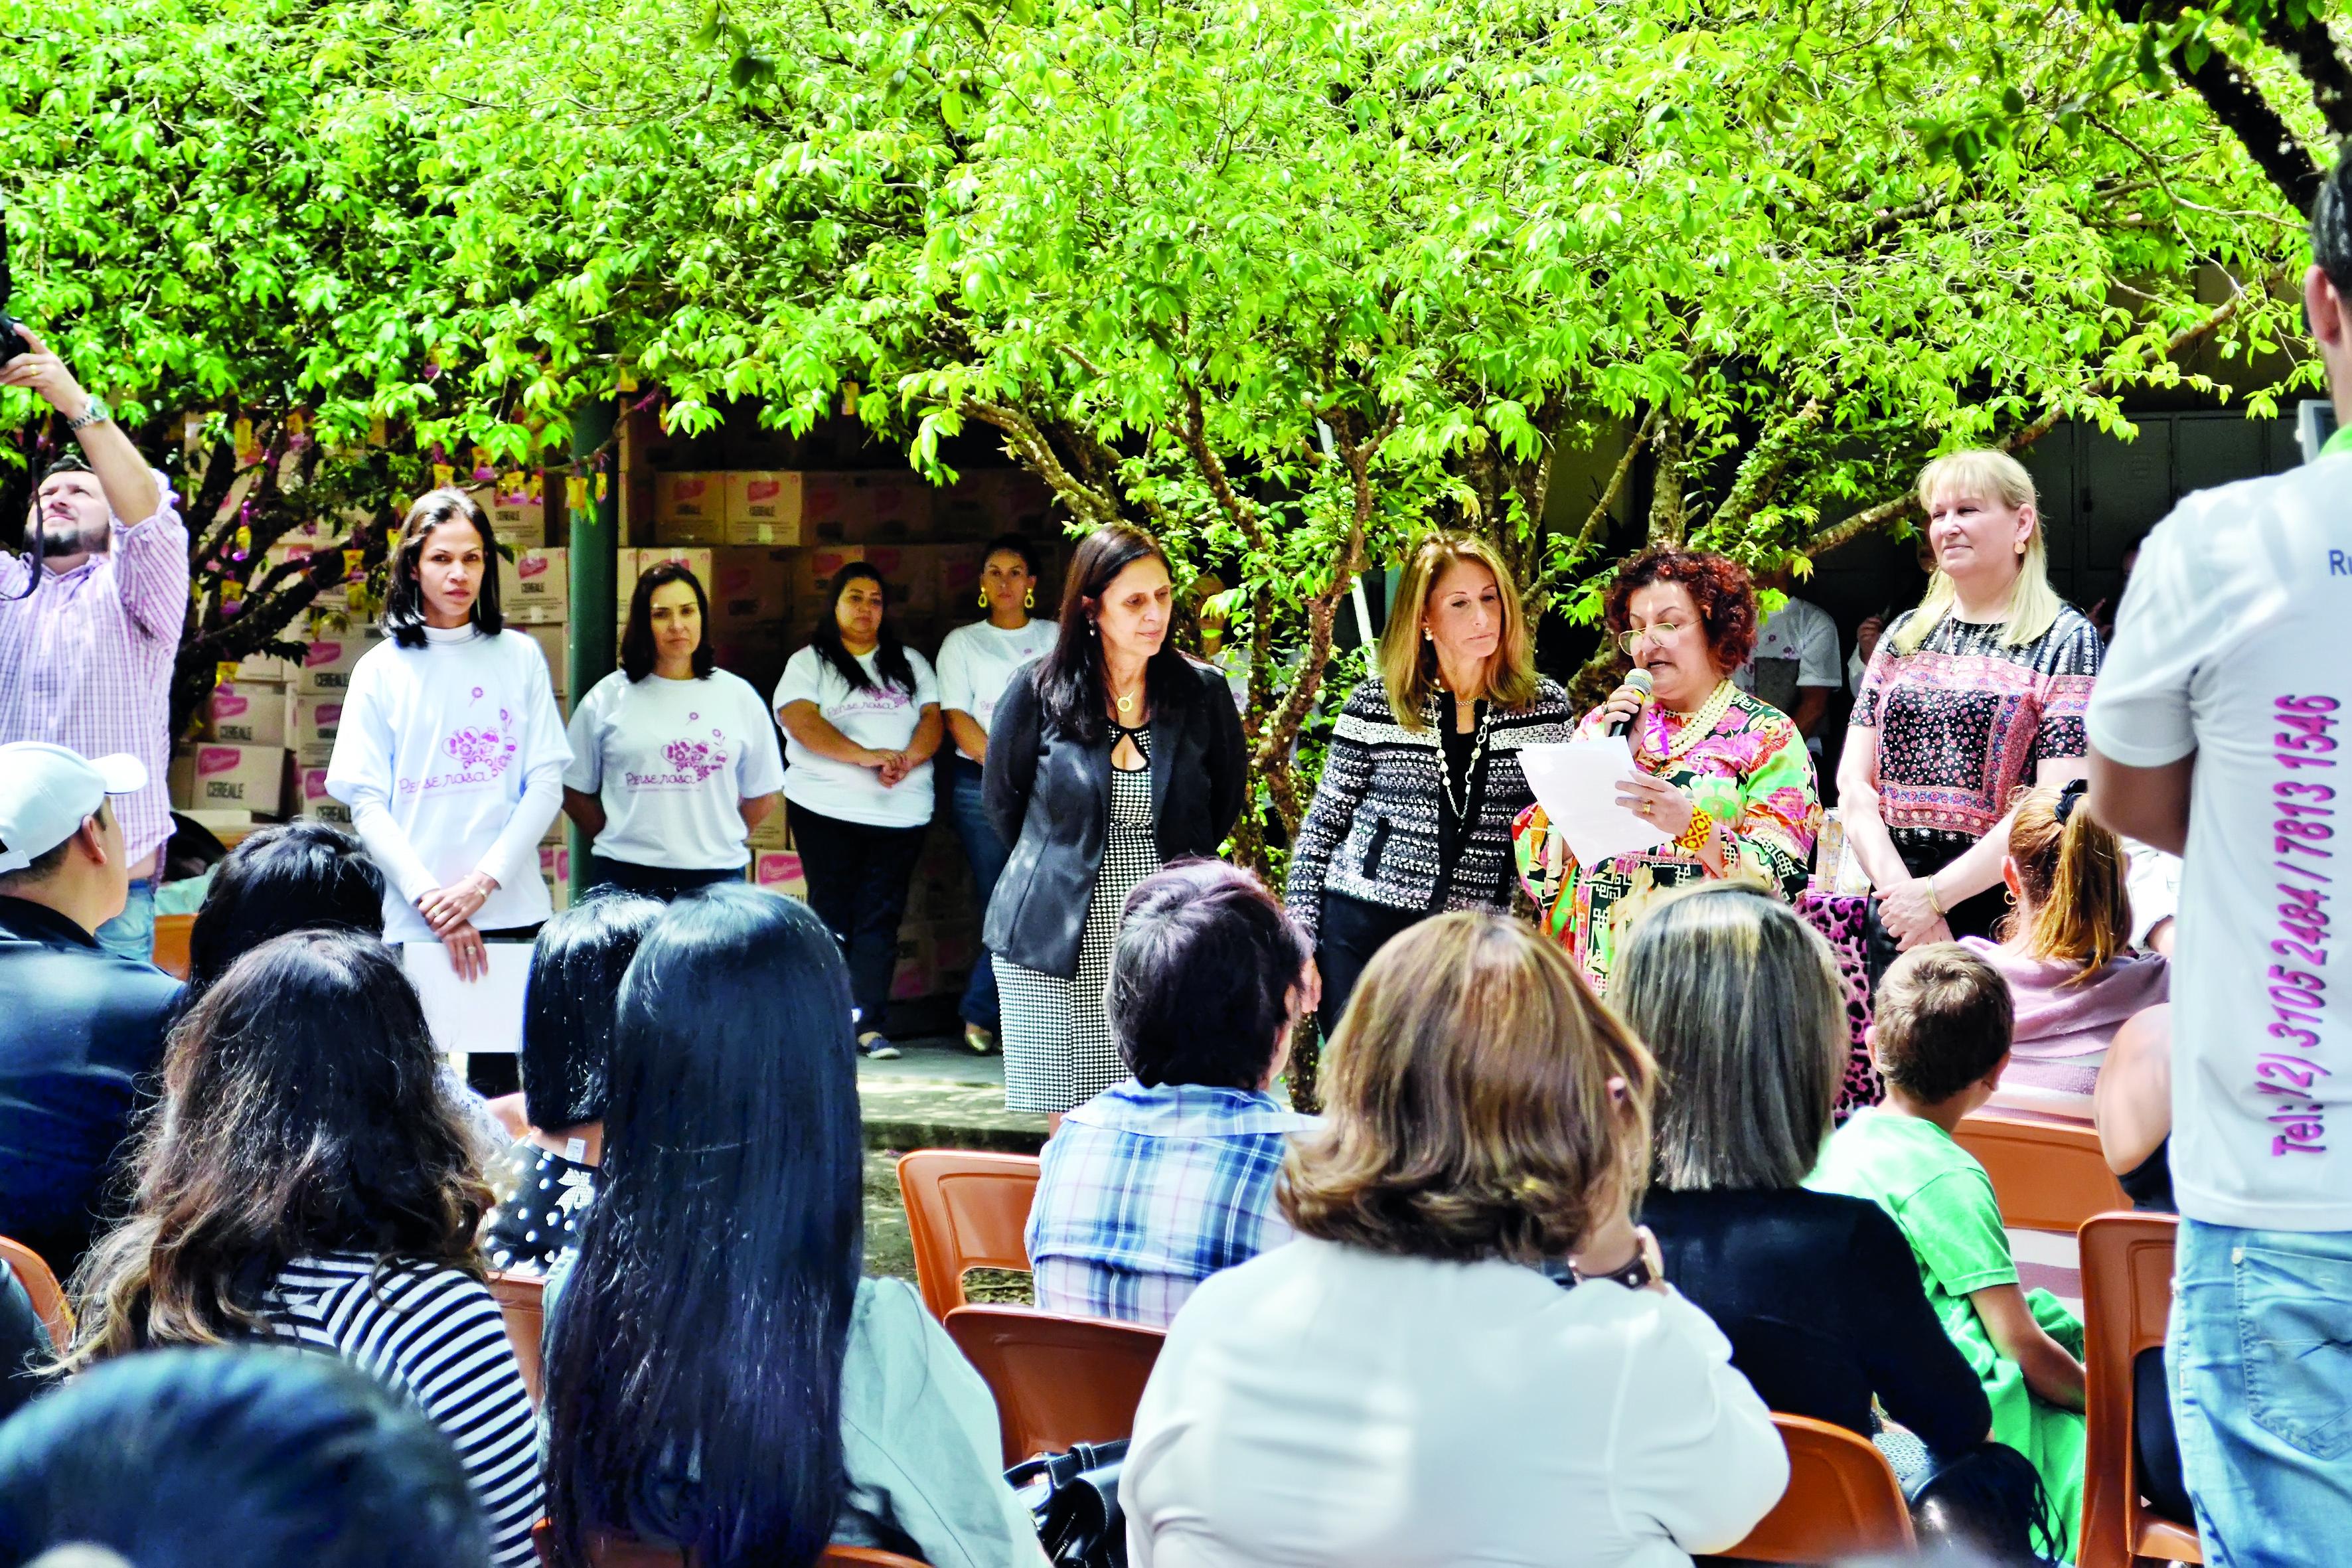 A diretora da Ong Orienta Vida, Maria Celeste Chad, fala em lançamento da campanha Pense Rosa, que atua na luta contra o câncer de mama (Foto: Estéfani Braz)